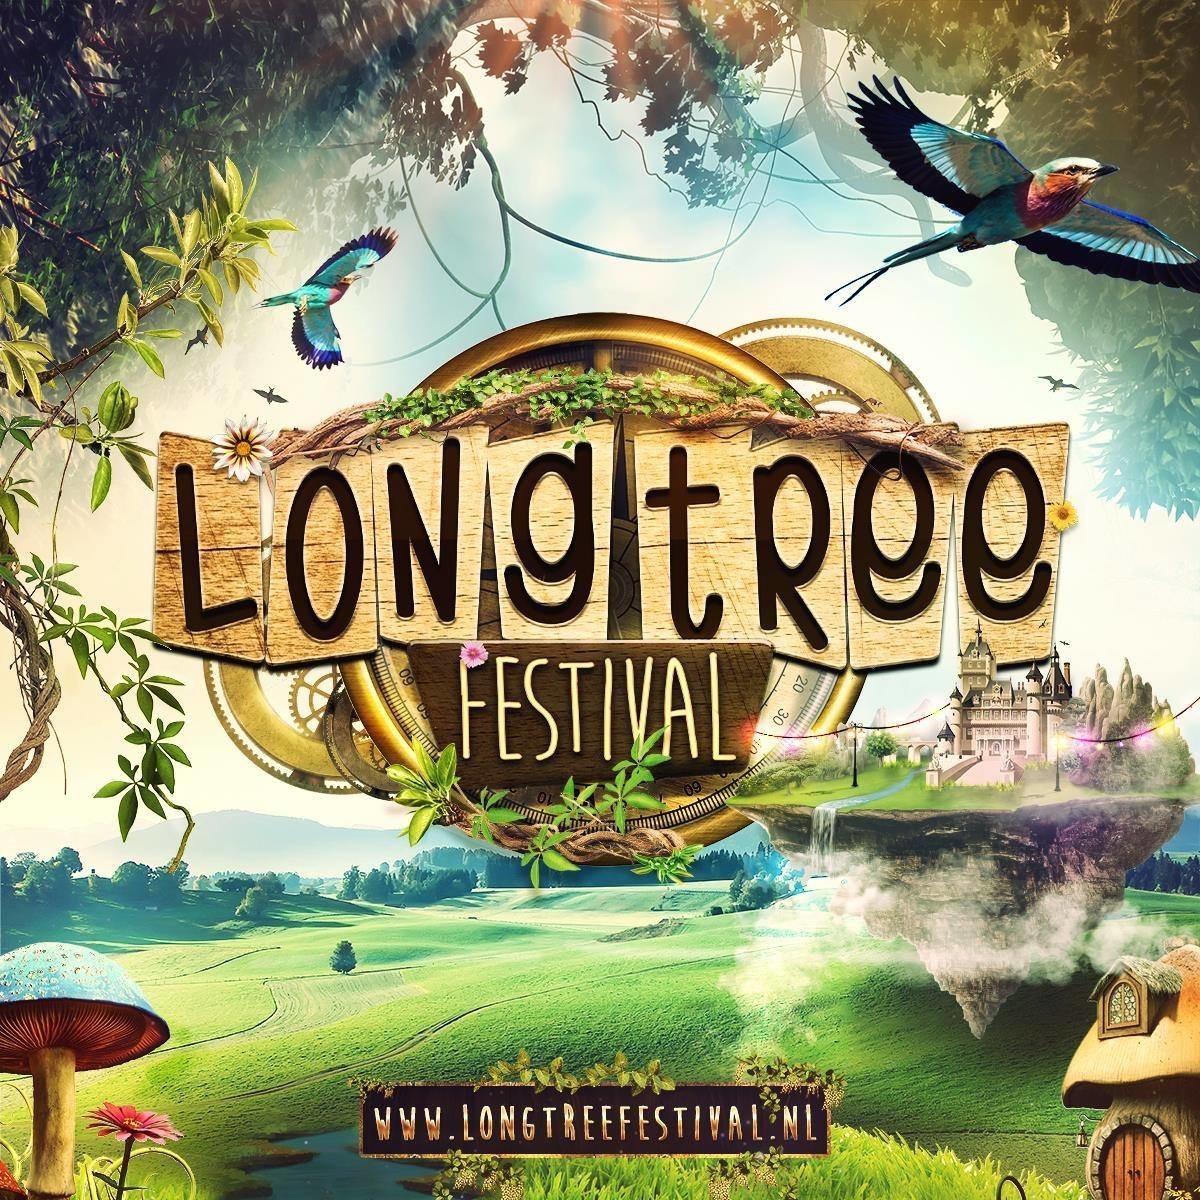 Camerabeveiliging geleverd tijdens Long Tree Festival Langenboom!